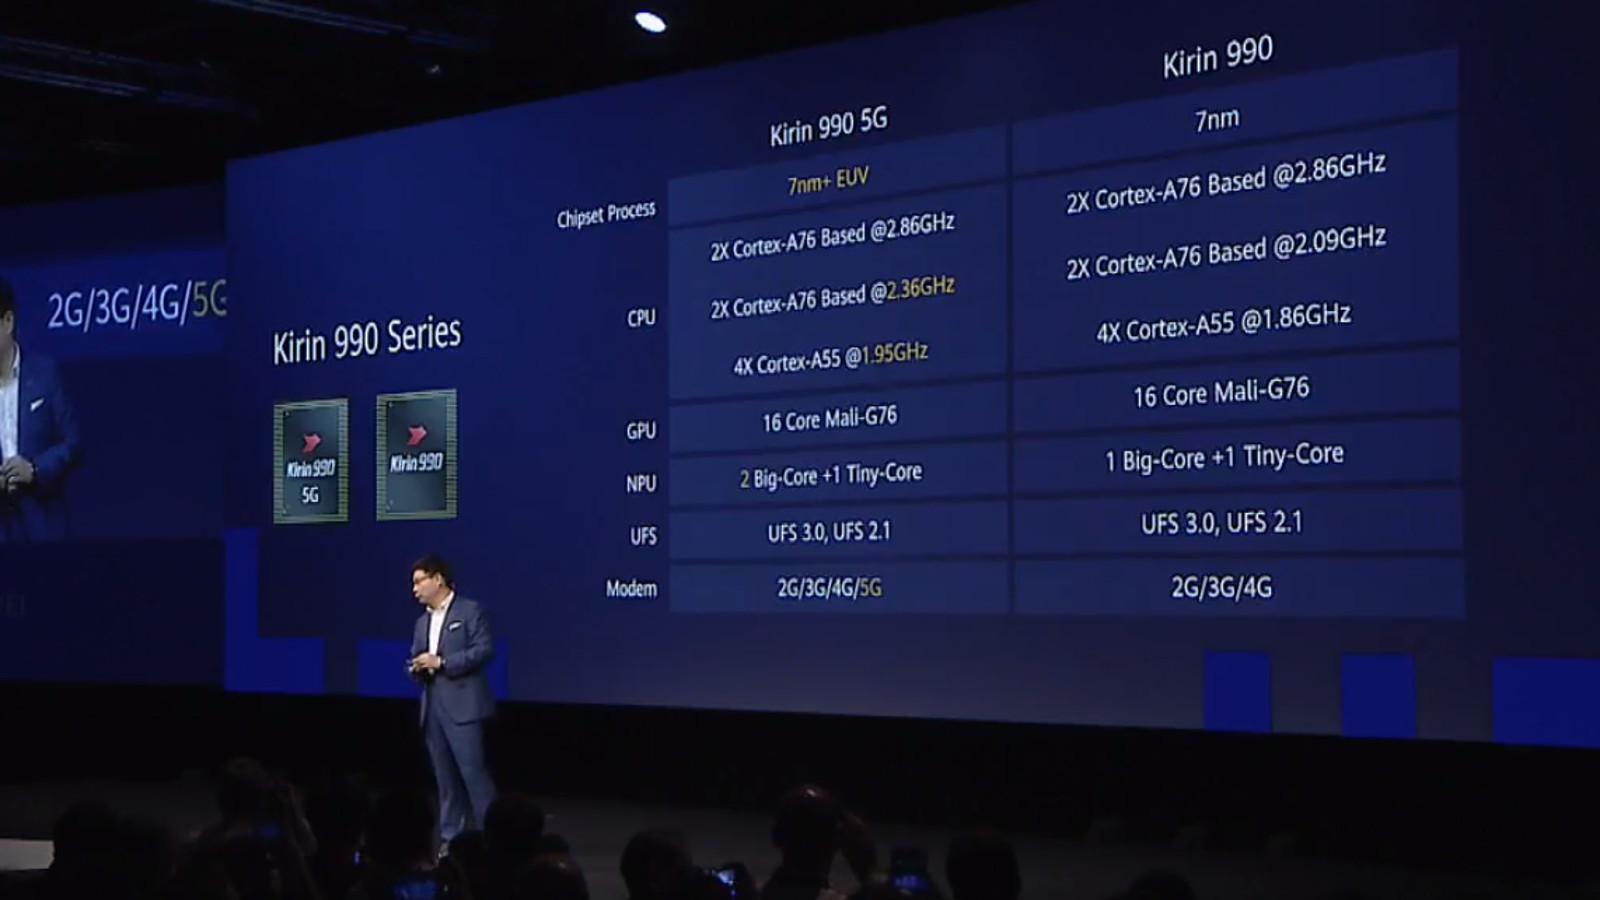 kirin 990 5G vs 4G comparison